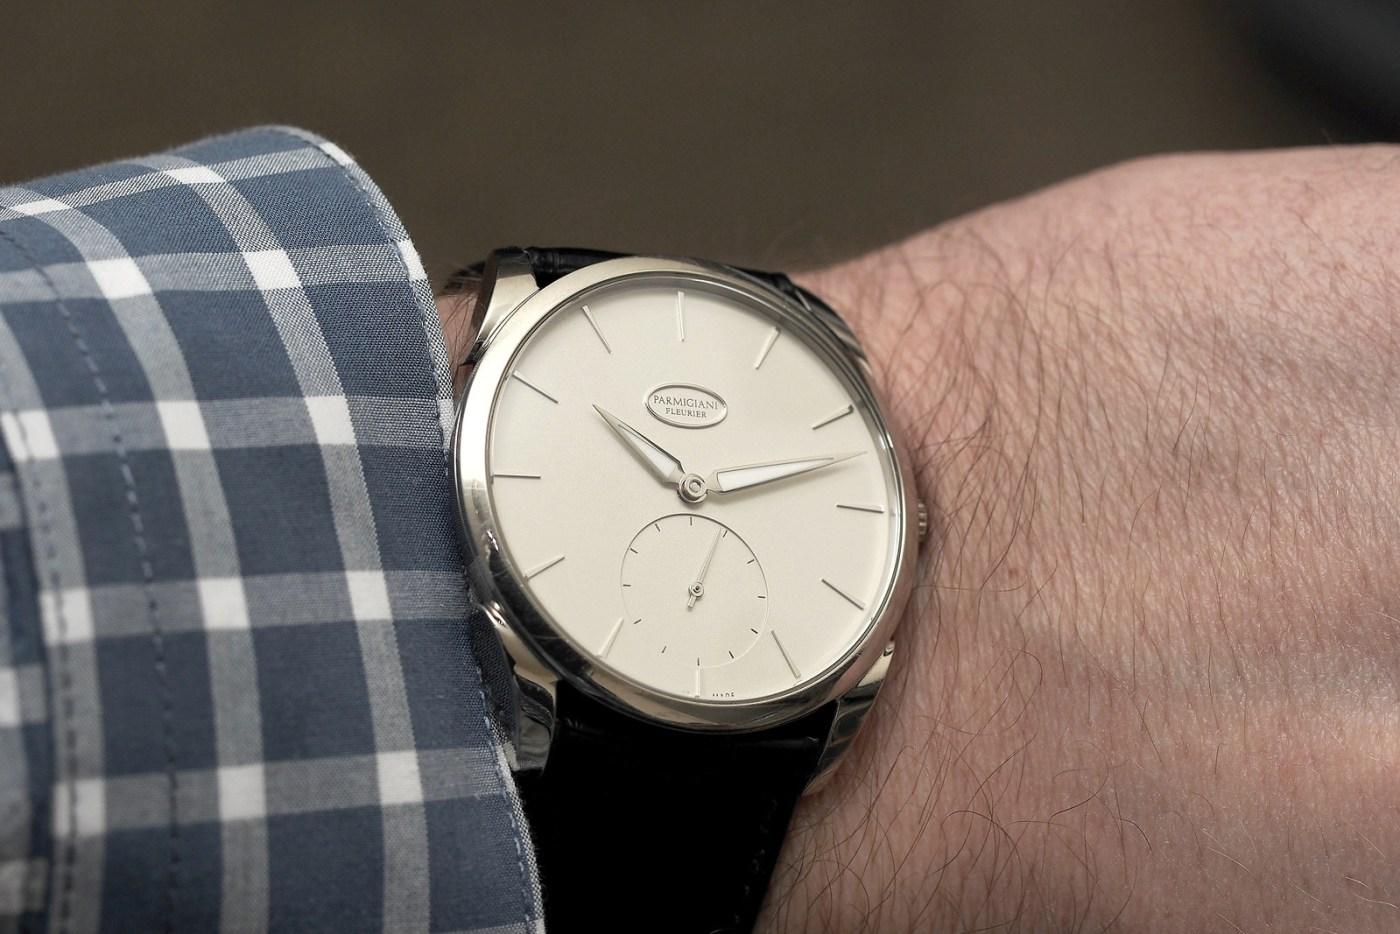 Parmigiani Fleurier Tonda 1950 white gold with cream dial wristshot